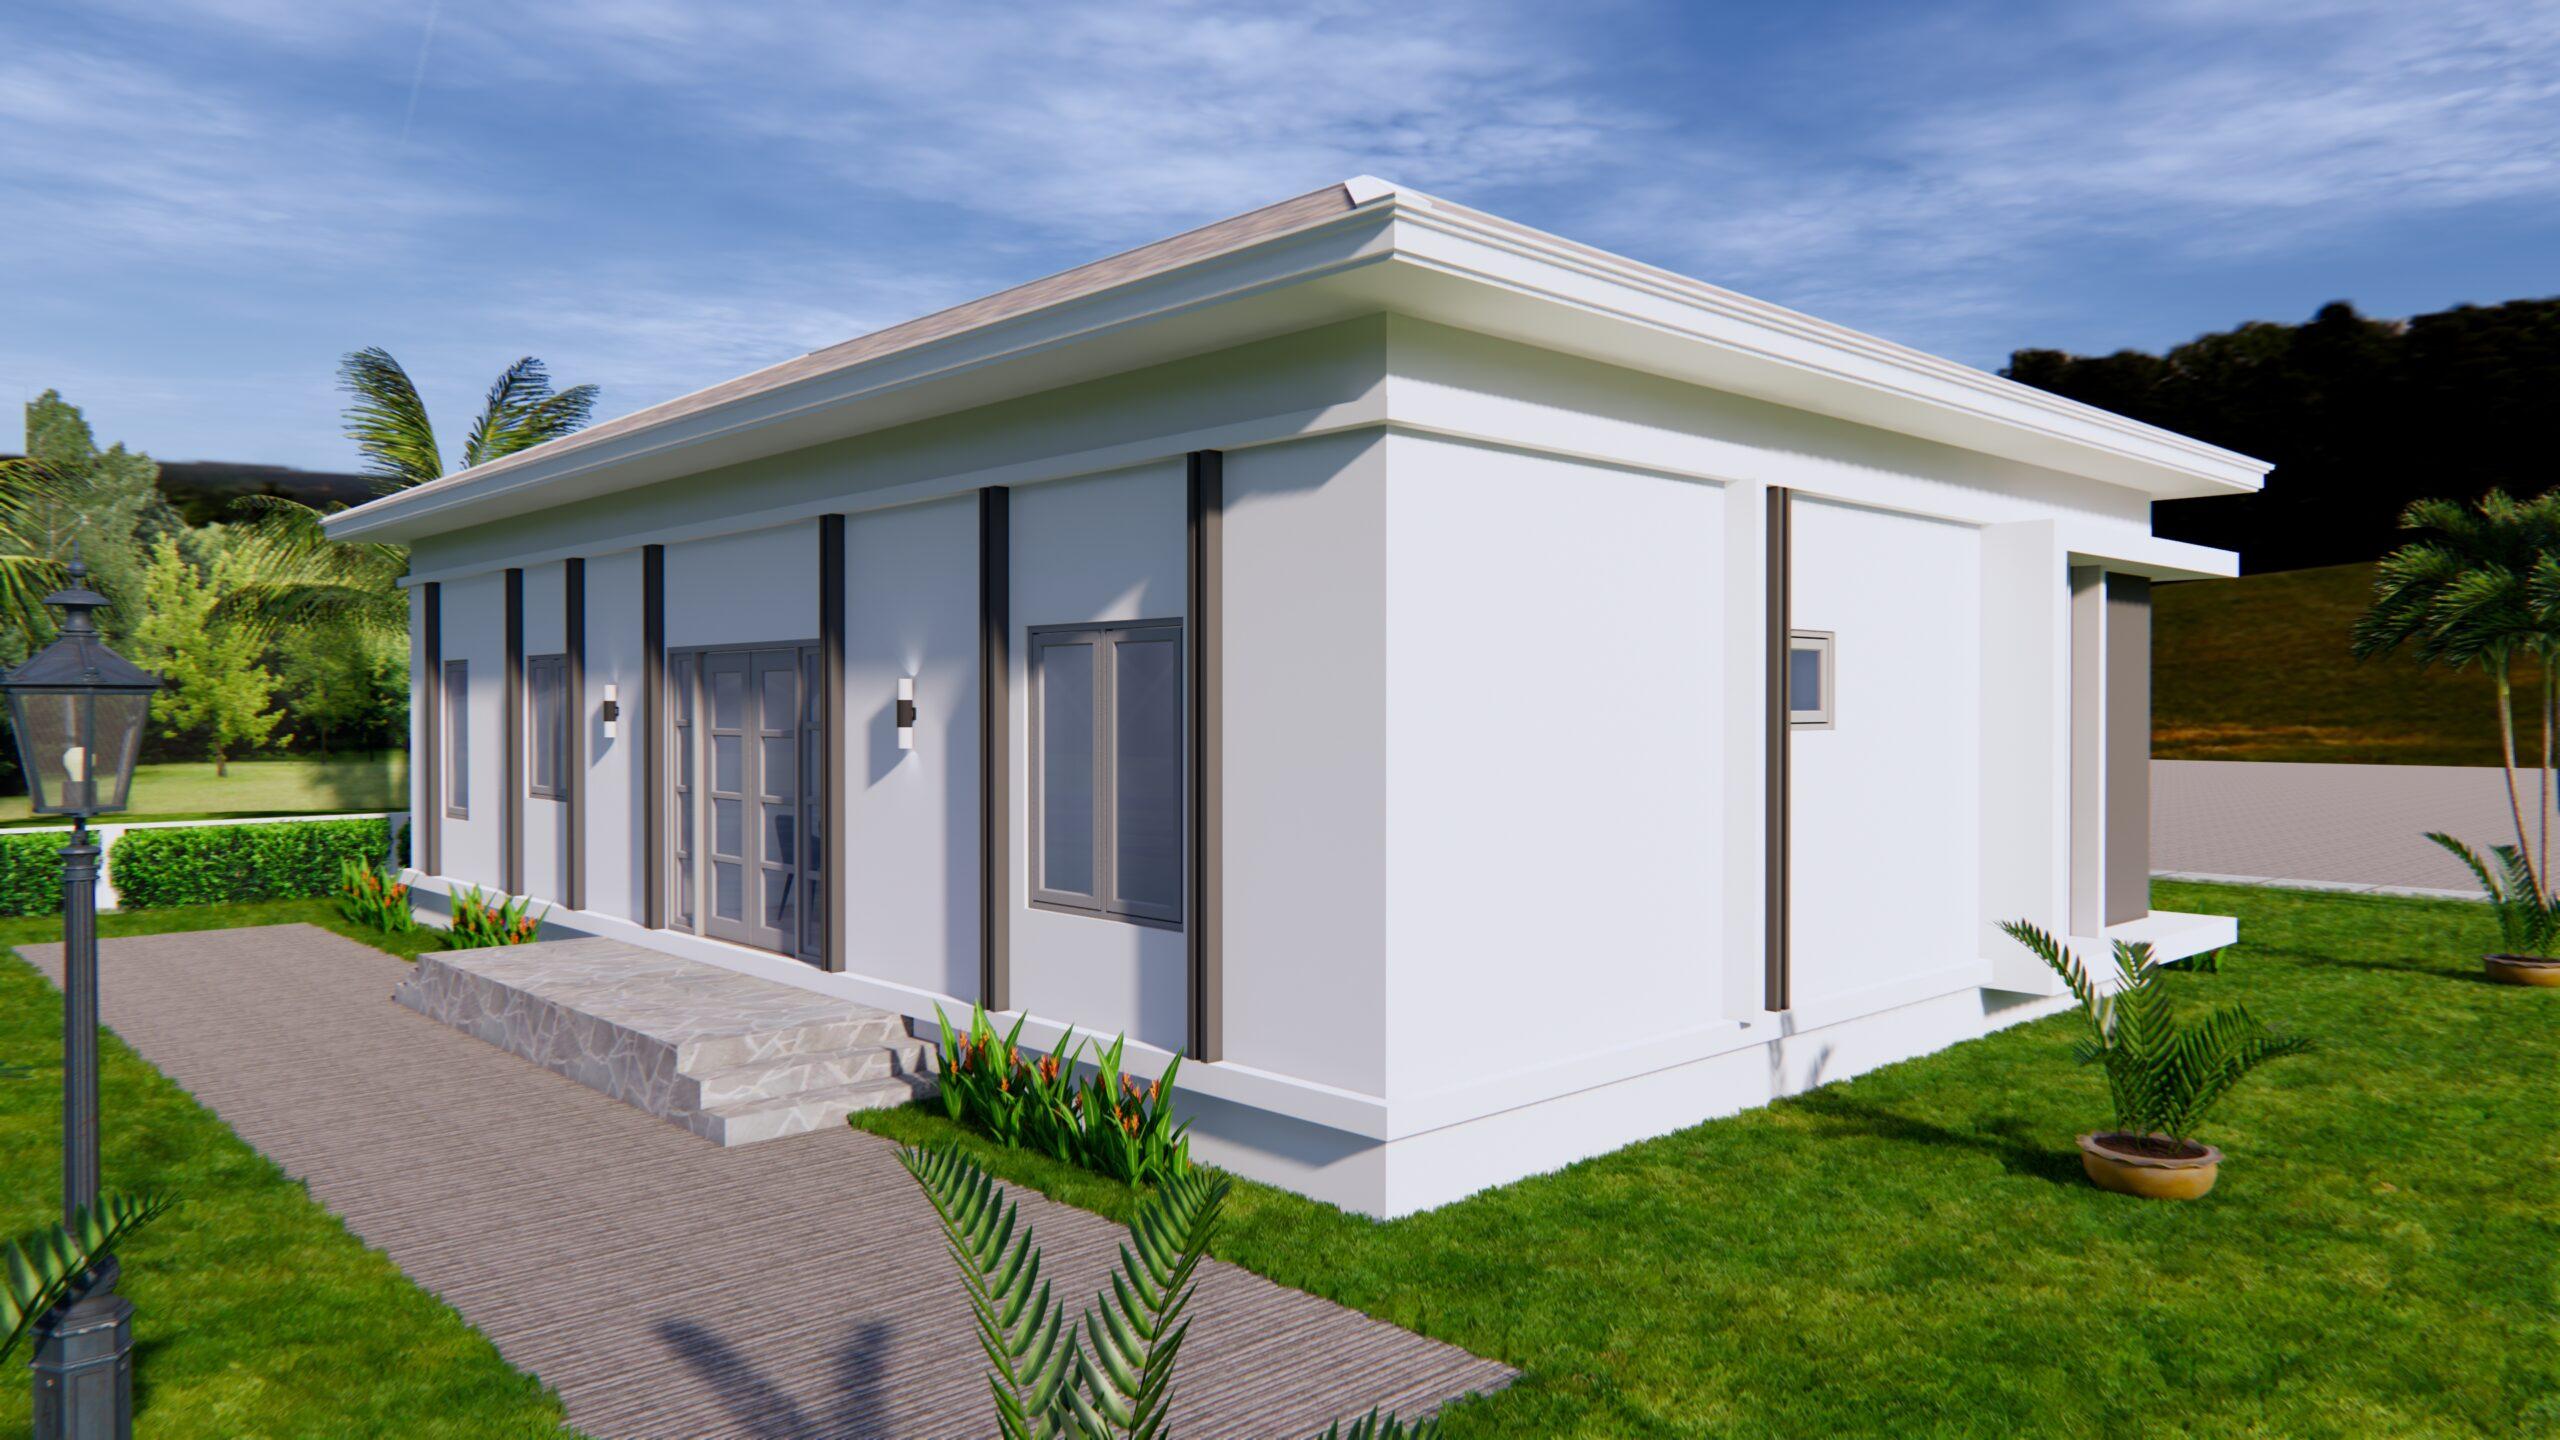 House Plans 14x11 Meter 46x36 Feet 3 Beds 6